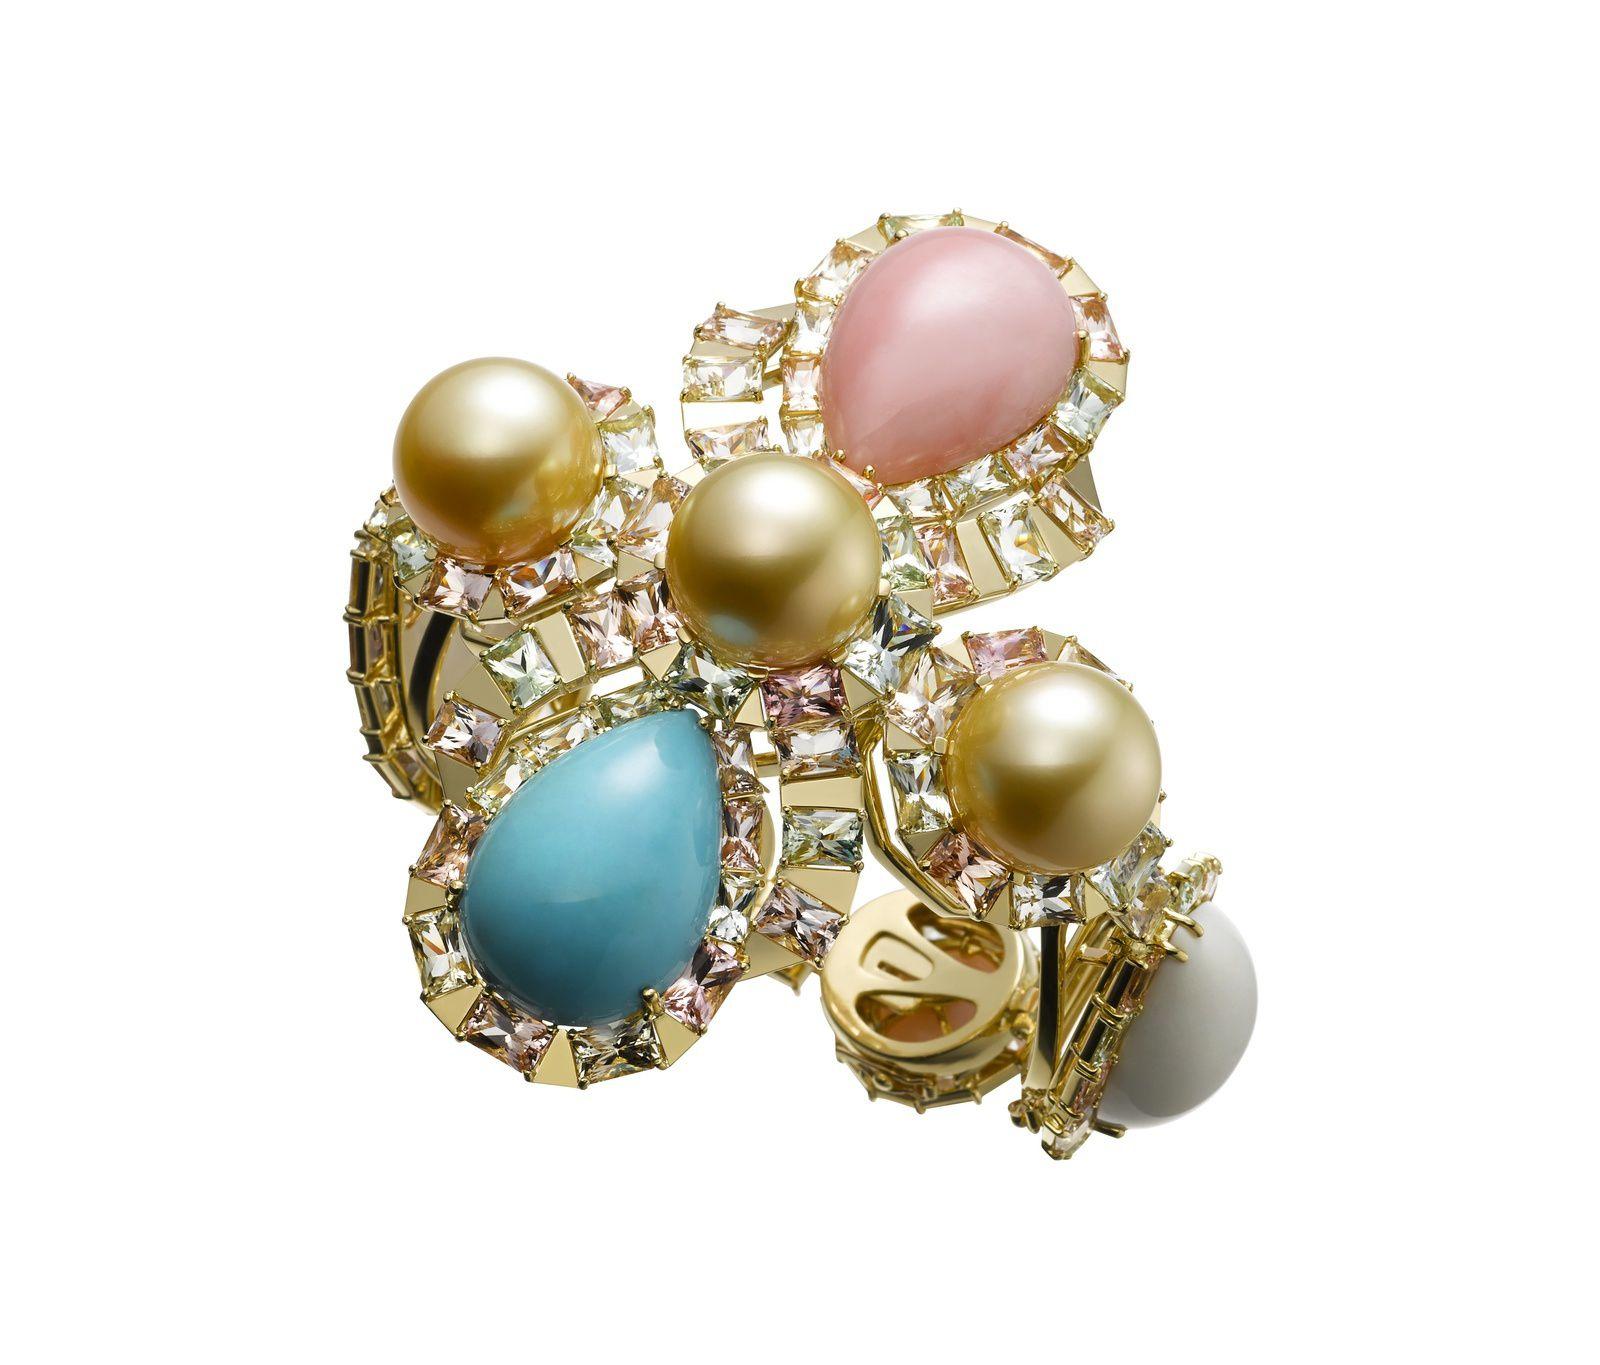 Bracelet transformable en or jaune 18 carats, perles Gold, cacholong, opale rose, turquoise et tourmalines multicolores © Atsuko Sano